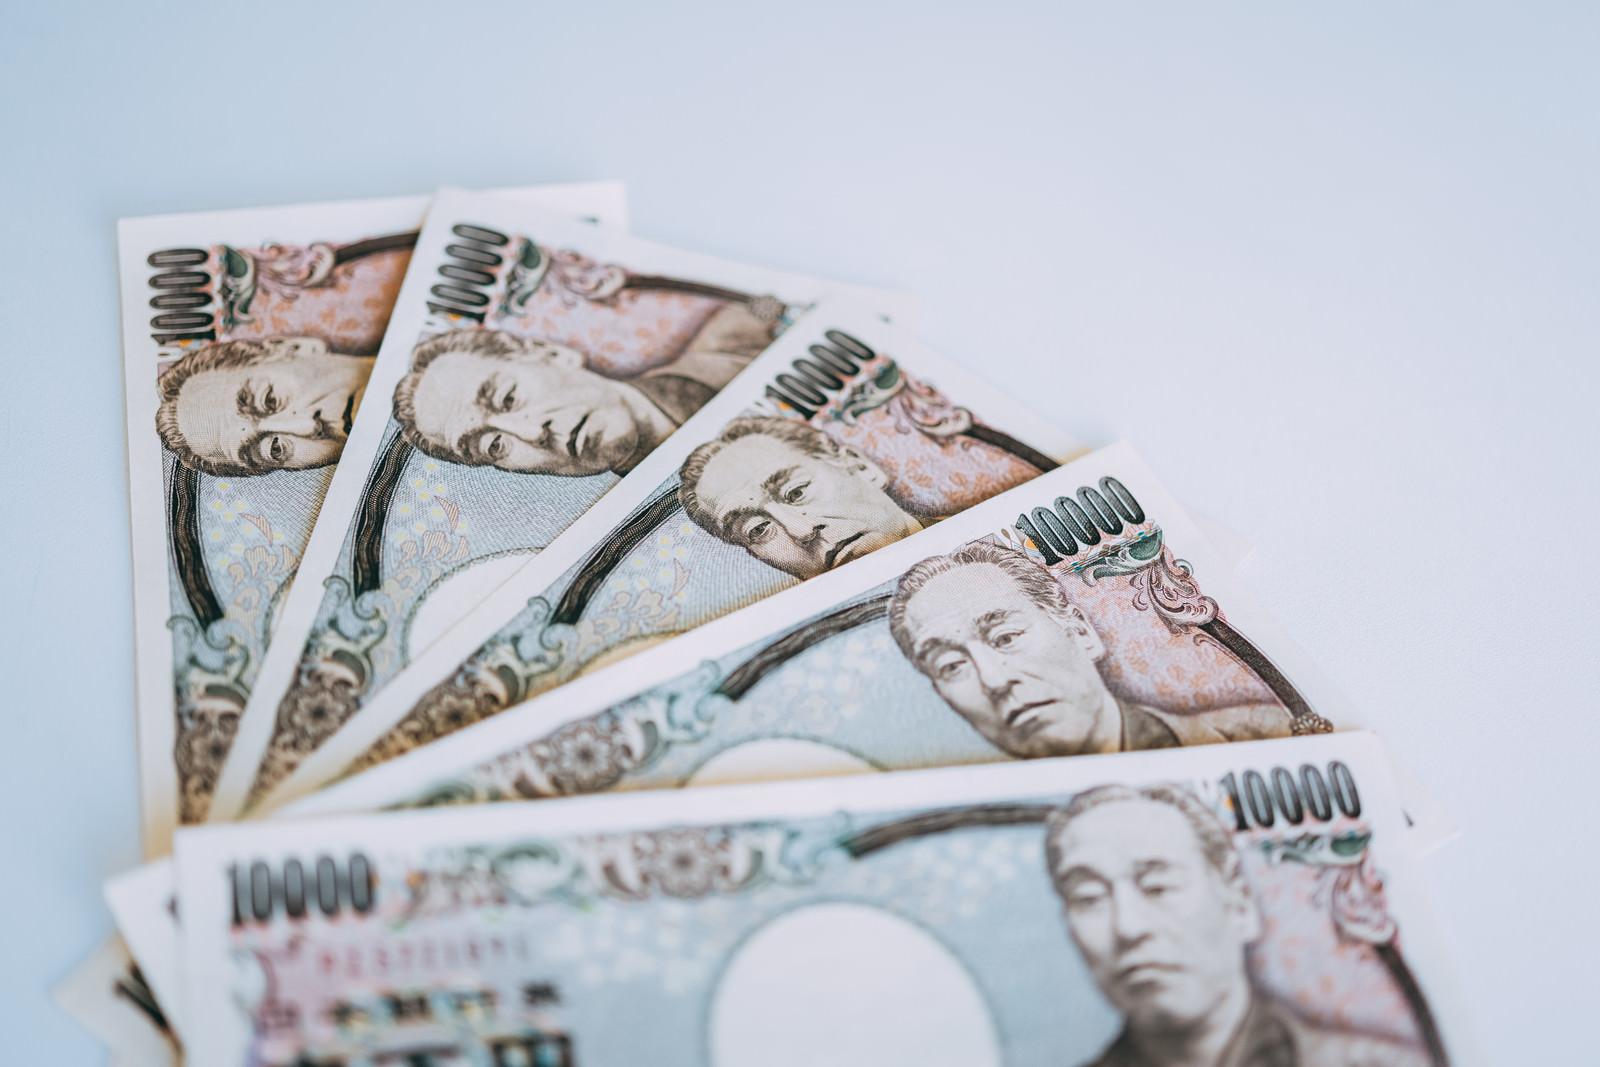 「5万円分の報酬」の写真